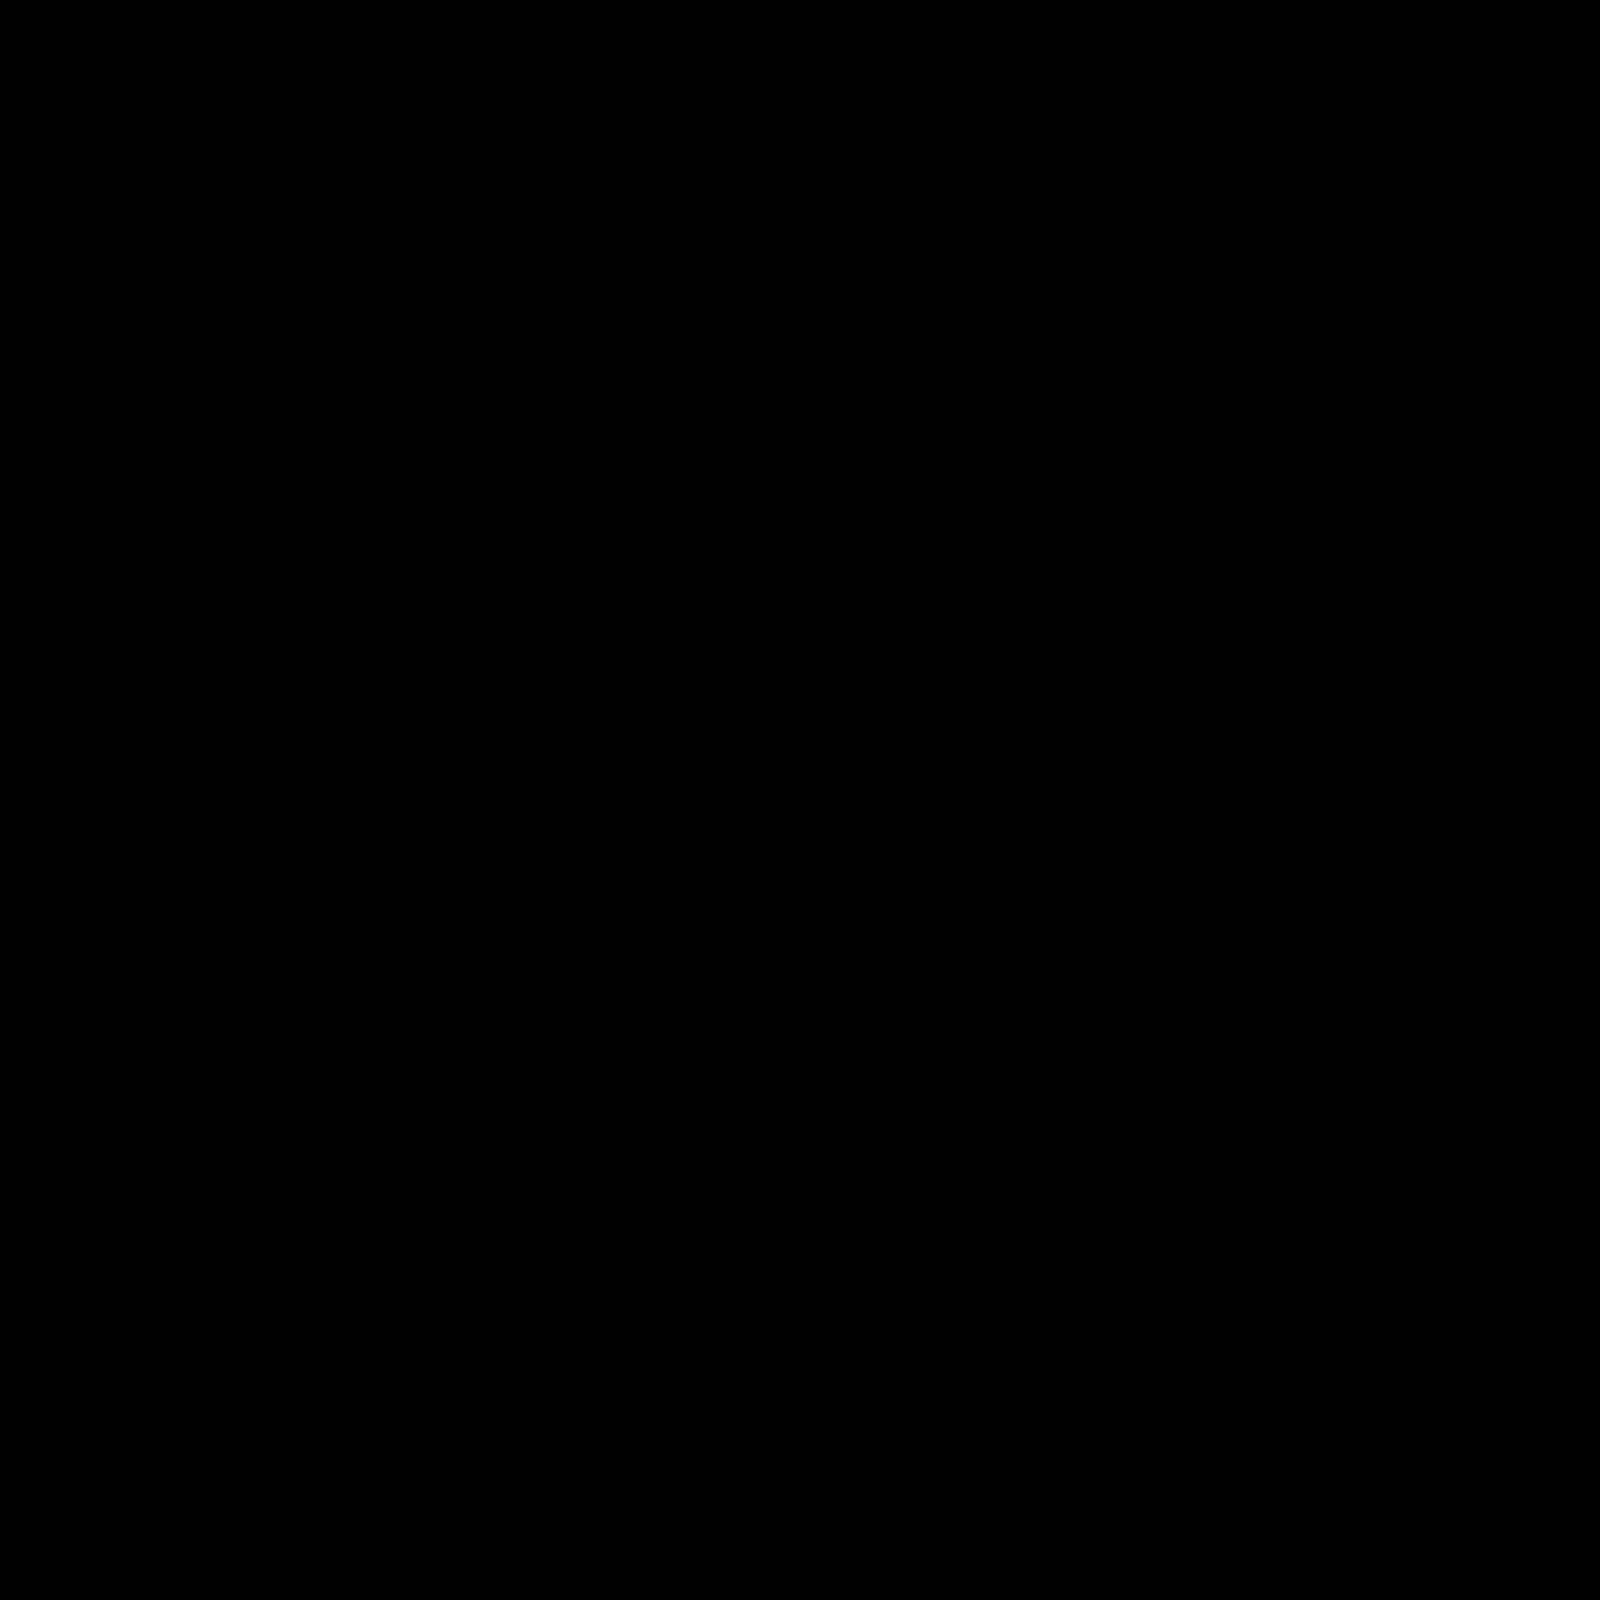 Clipart plane logo. Black shape paper png